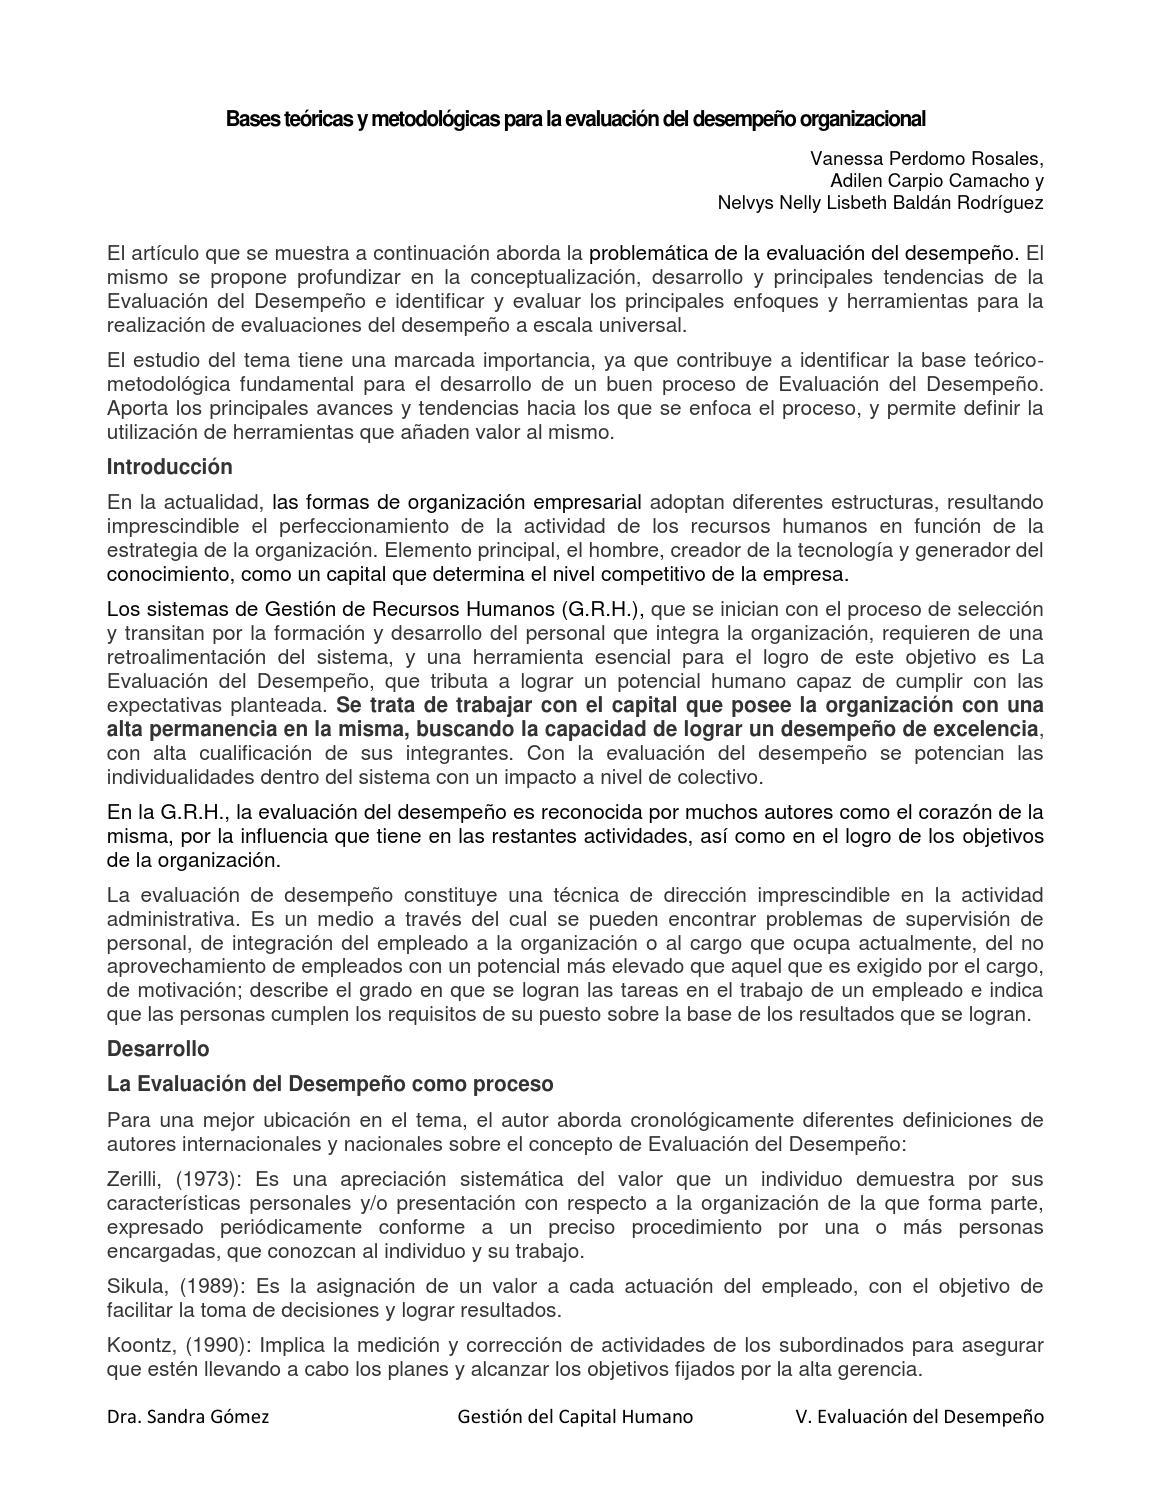 Dorable Diagrama De Corazón Humano Marcado Friso - Anatomía de Las ...